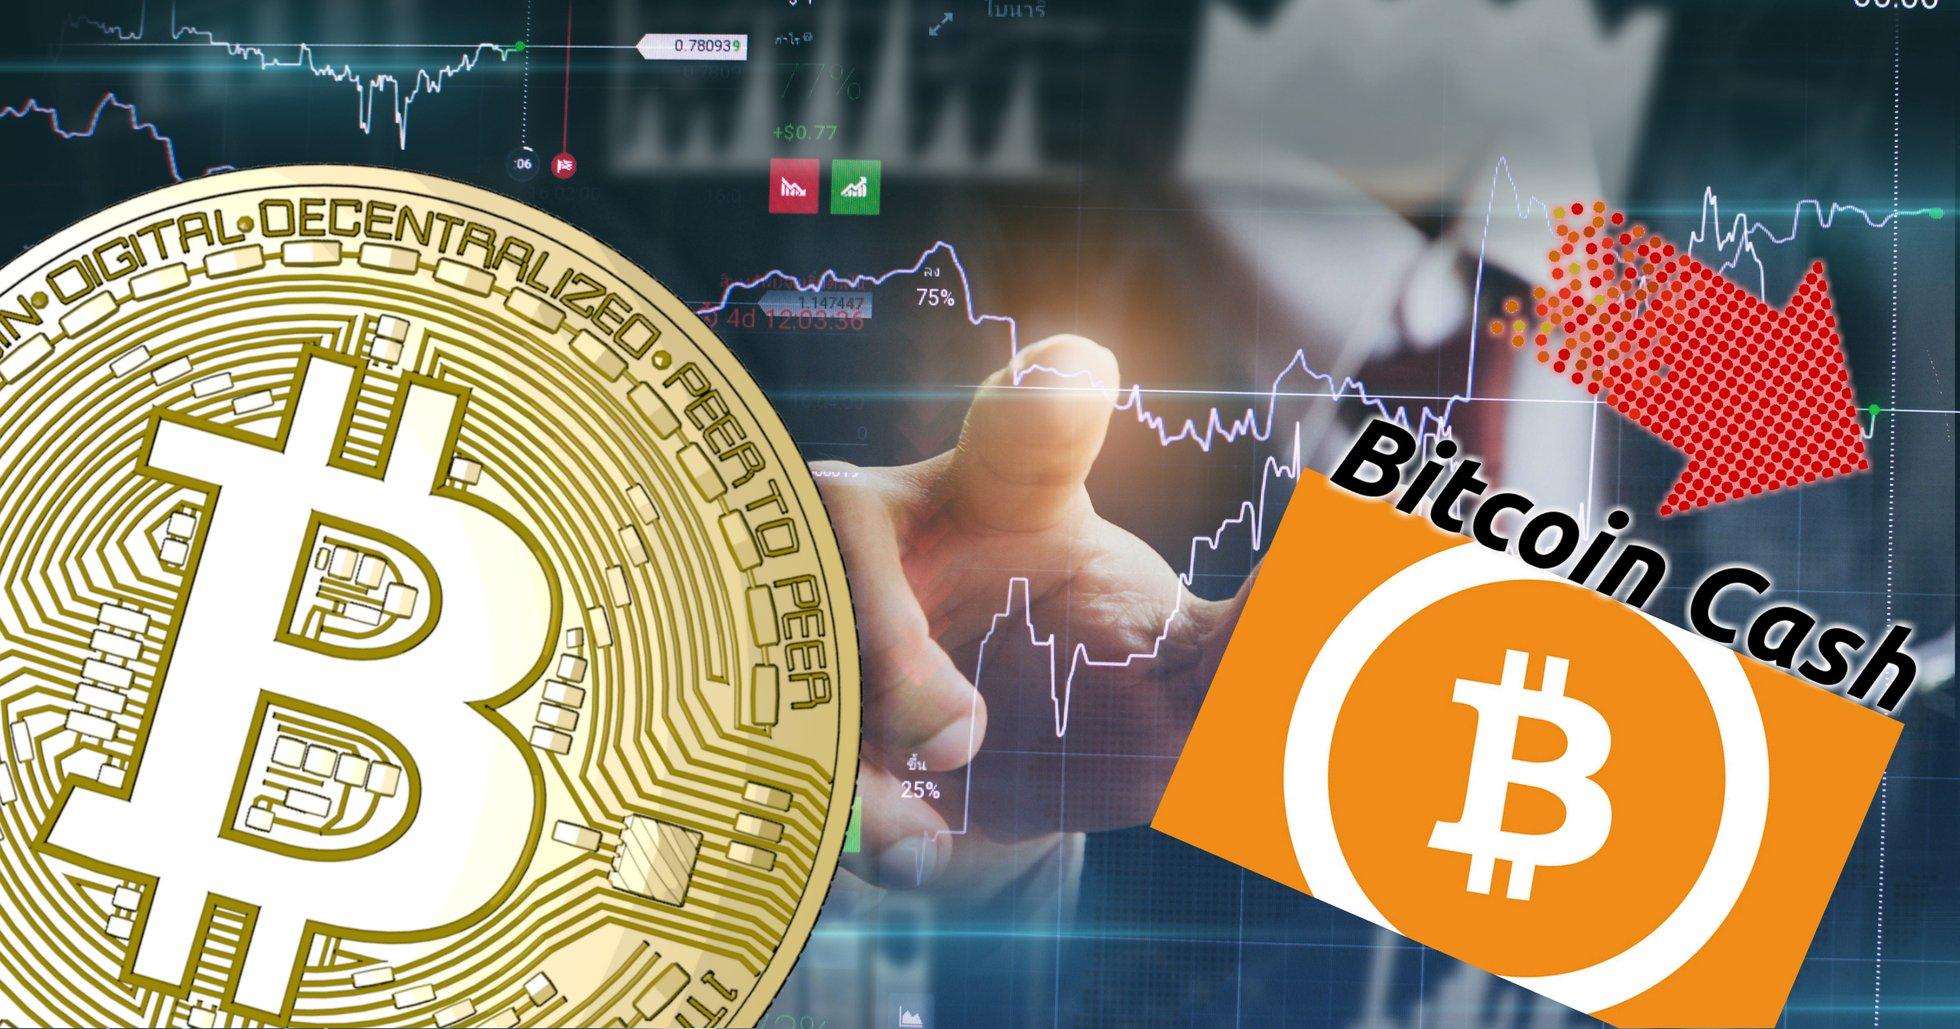 Kryptodygnet: Marknaderna går ner – bitcoin cash tappar mest av de största valutorna.